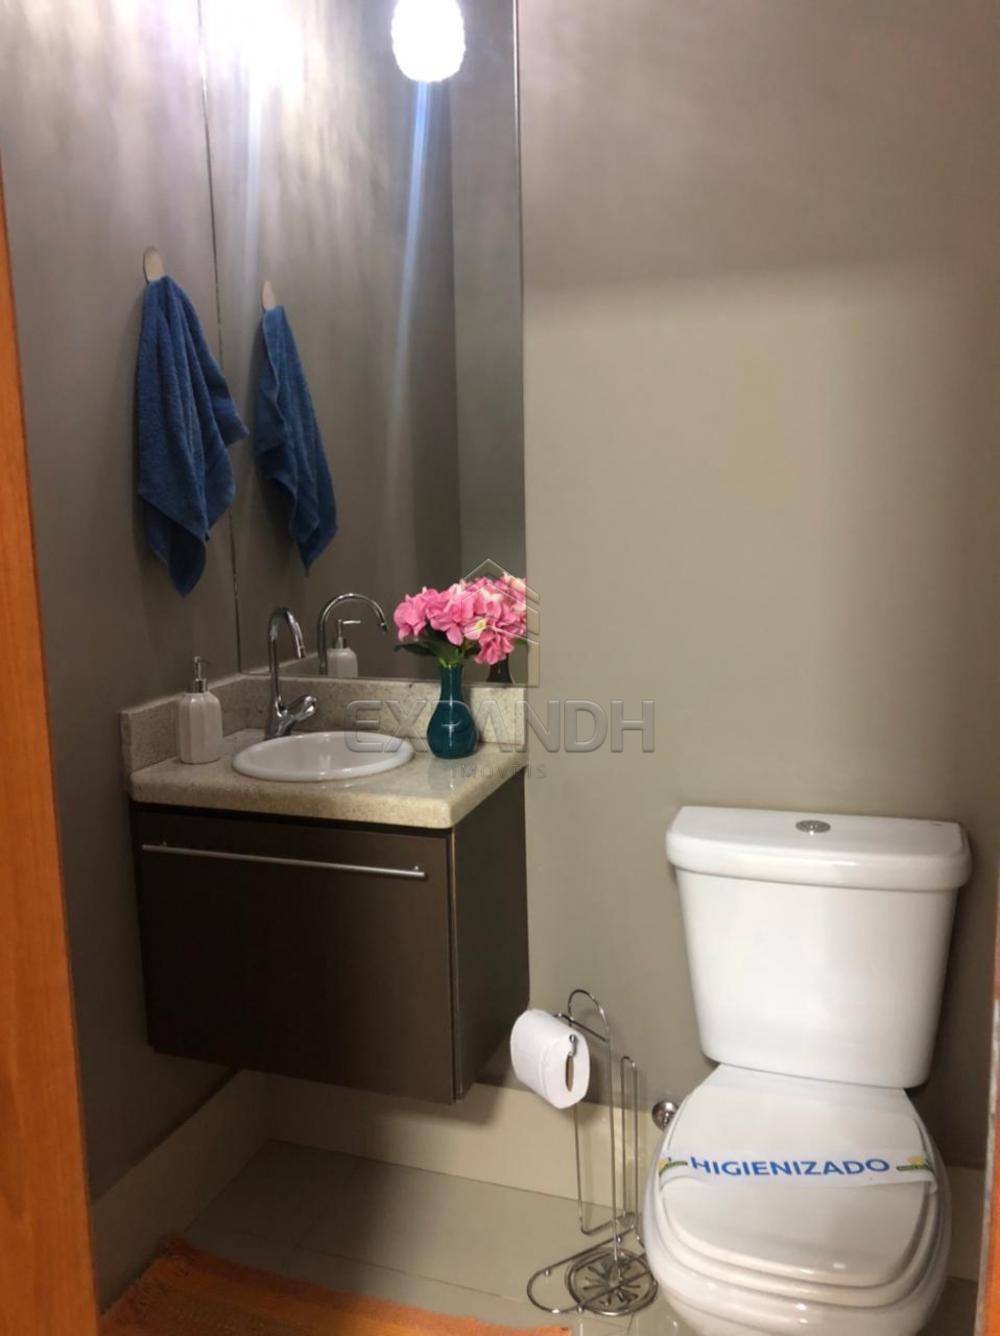 Comprar Casas / Condomínio em Sertãozinho R$ 530.000,00 - Foto 15